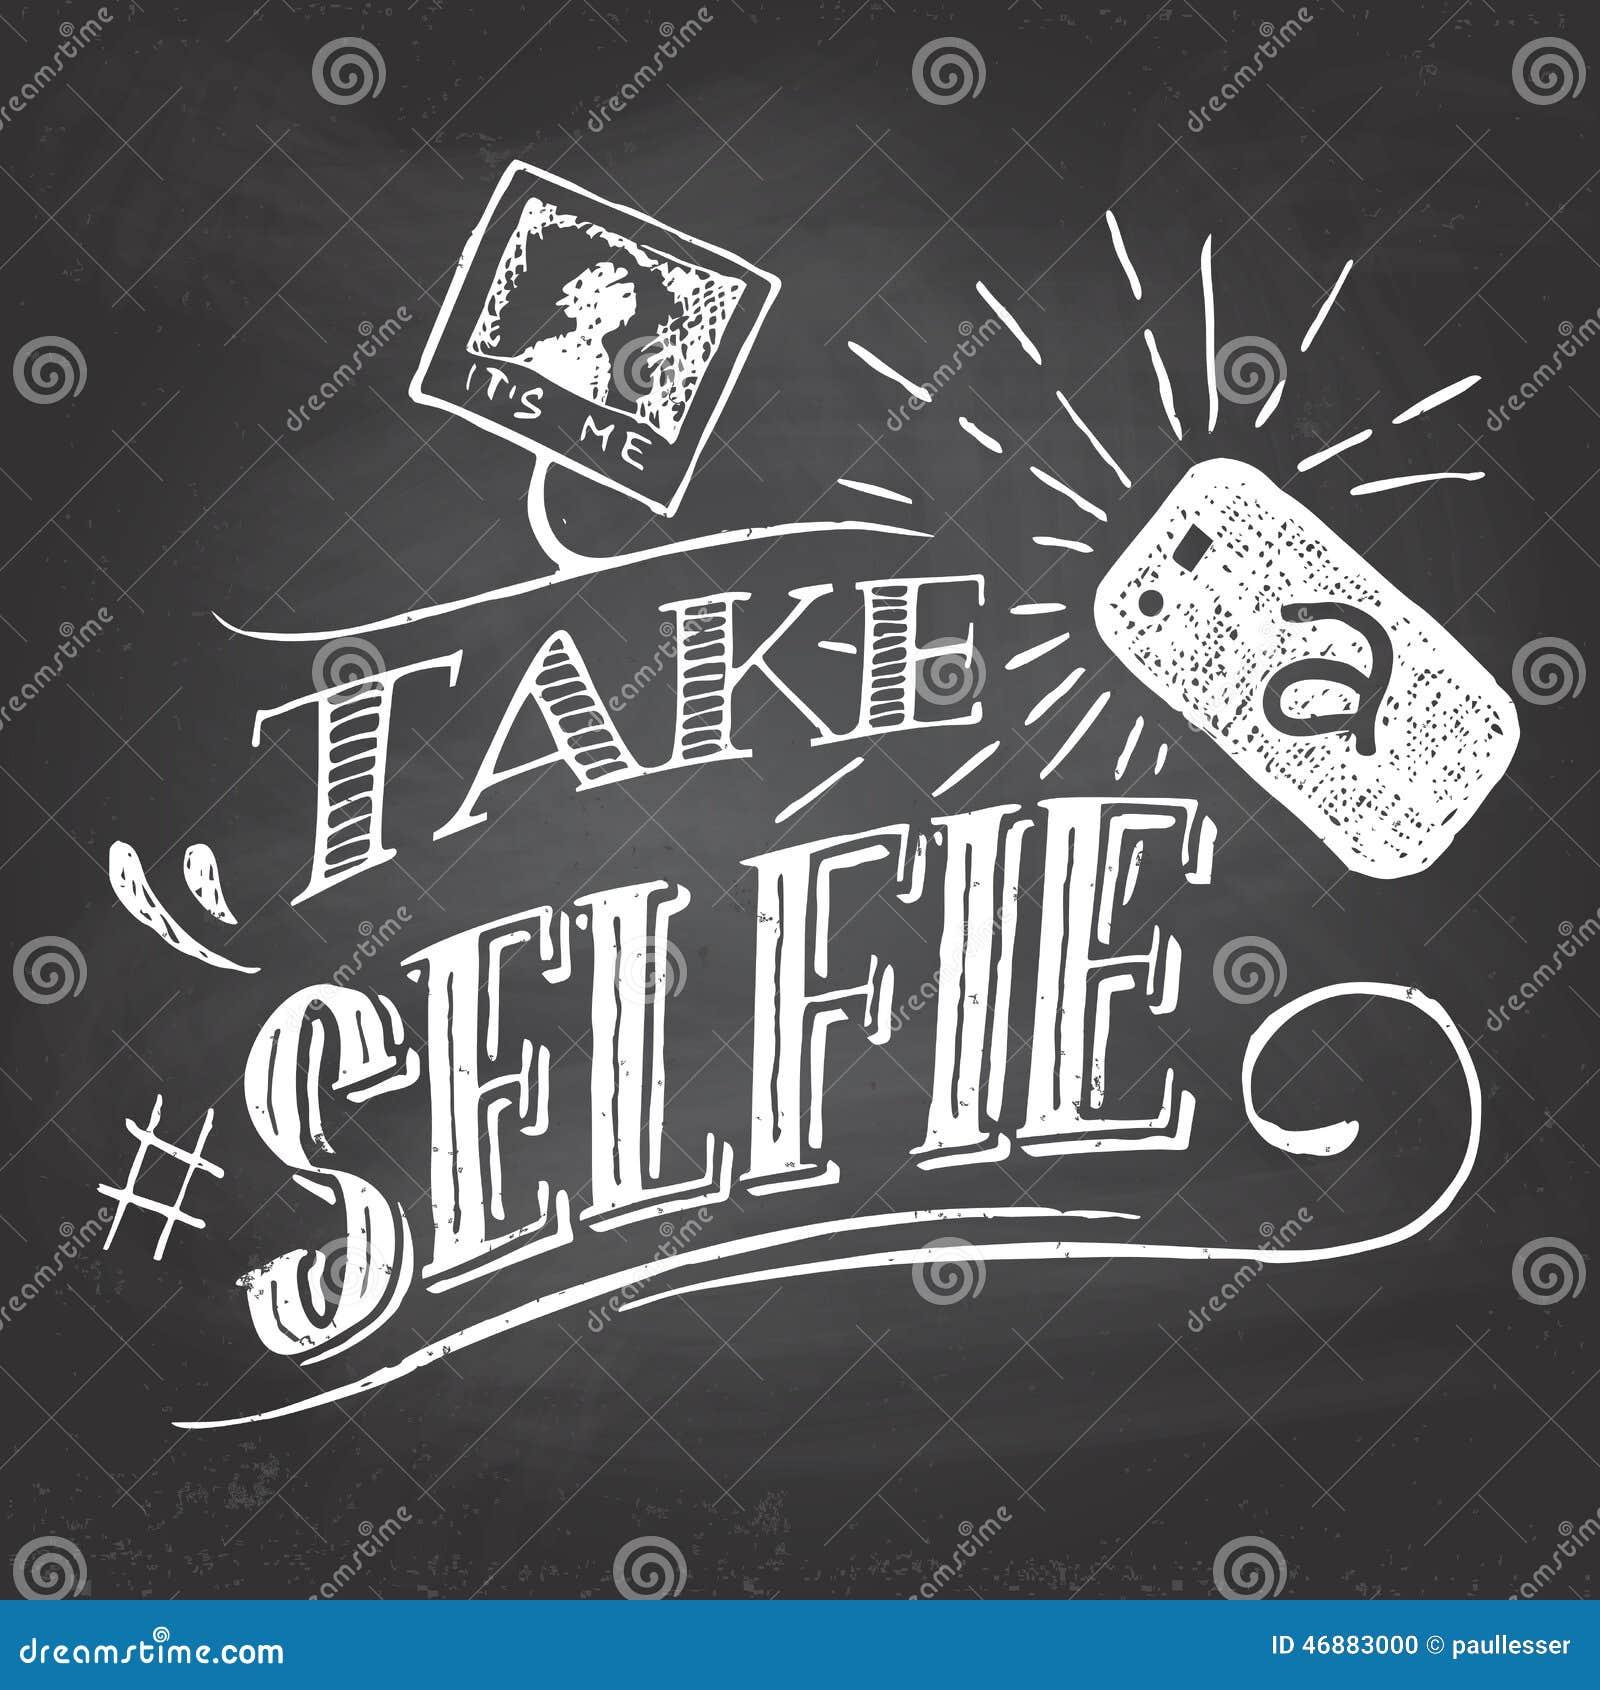 Nehmen Sie ein selfie auf Tafel